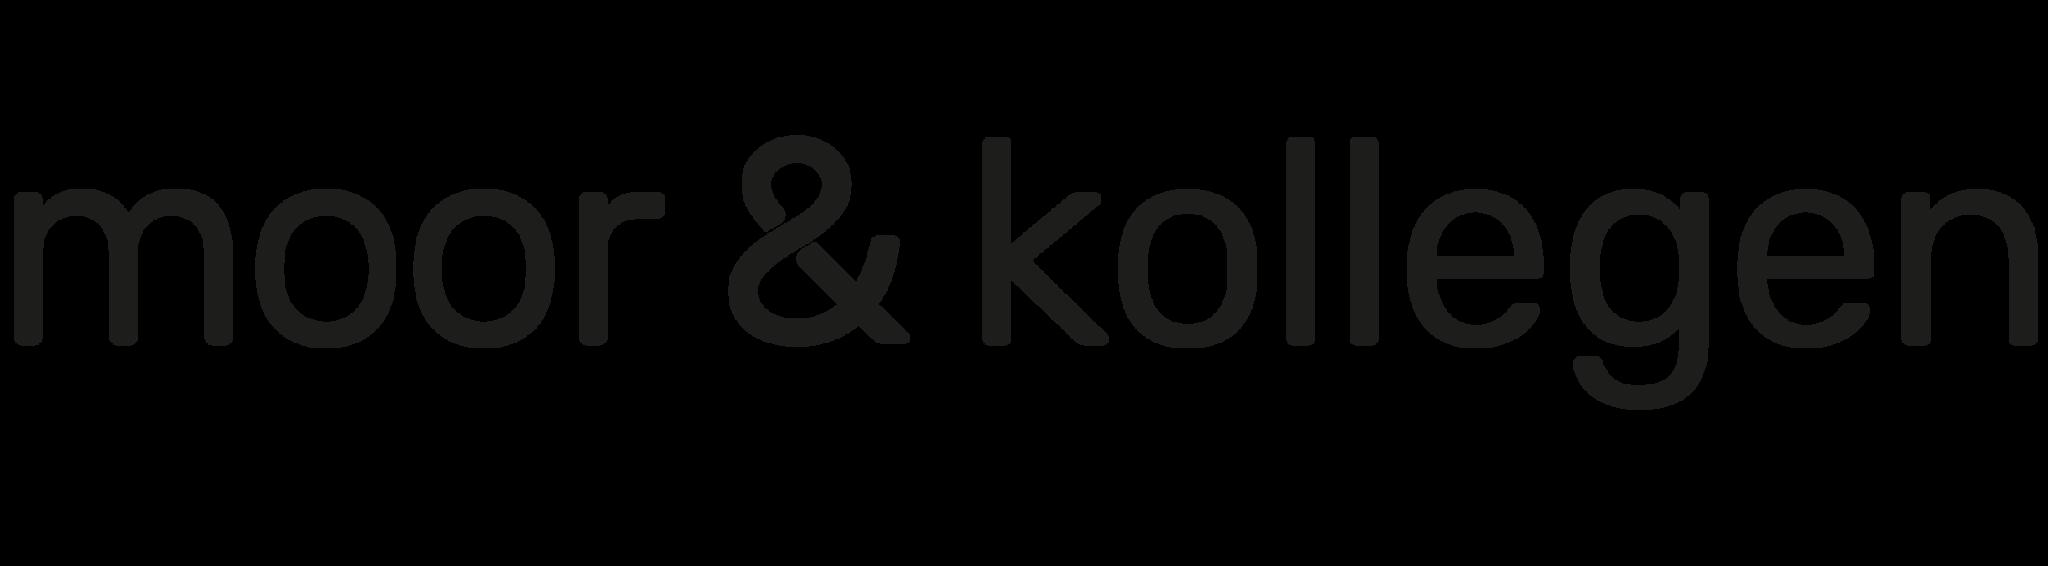 Moor & Schmeller Versicherungsagentur